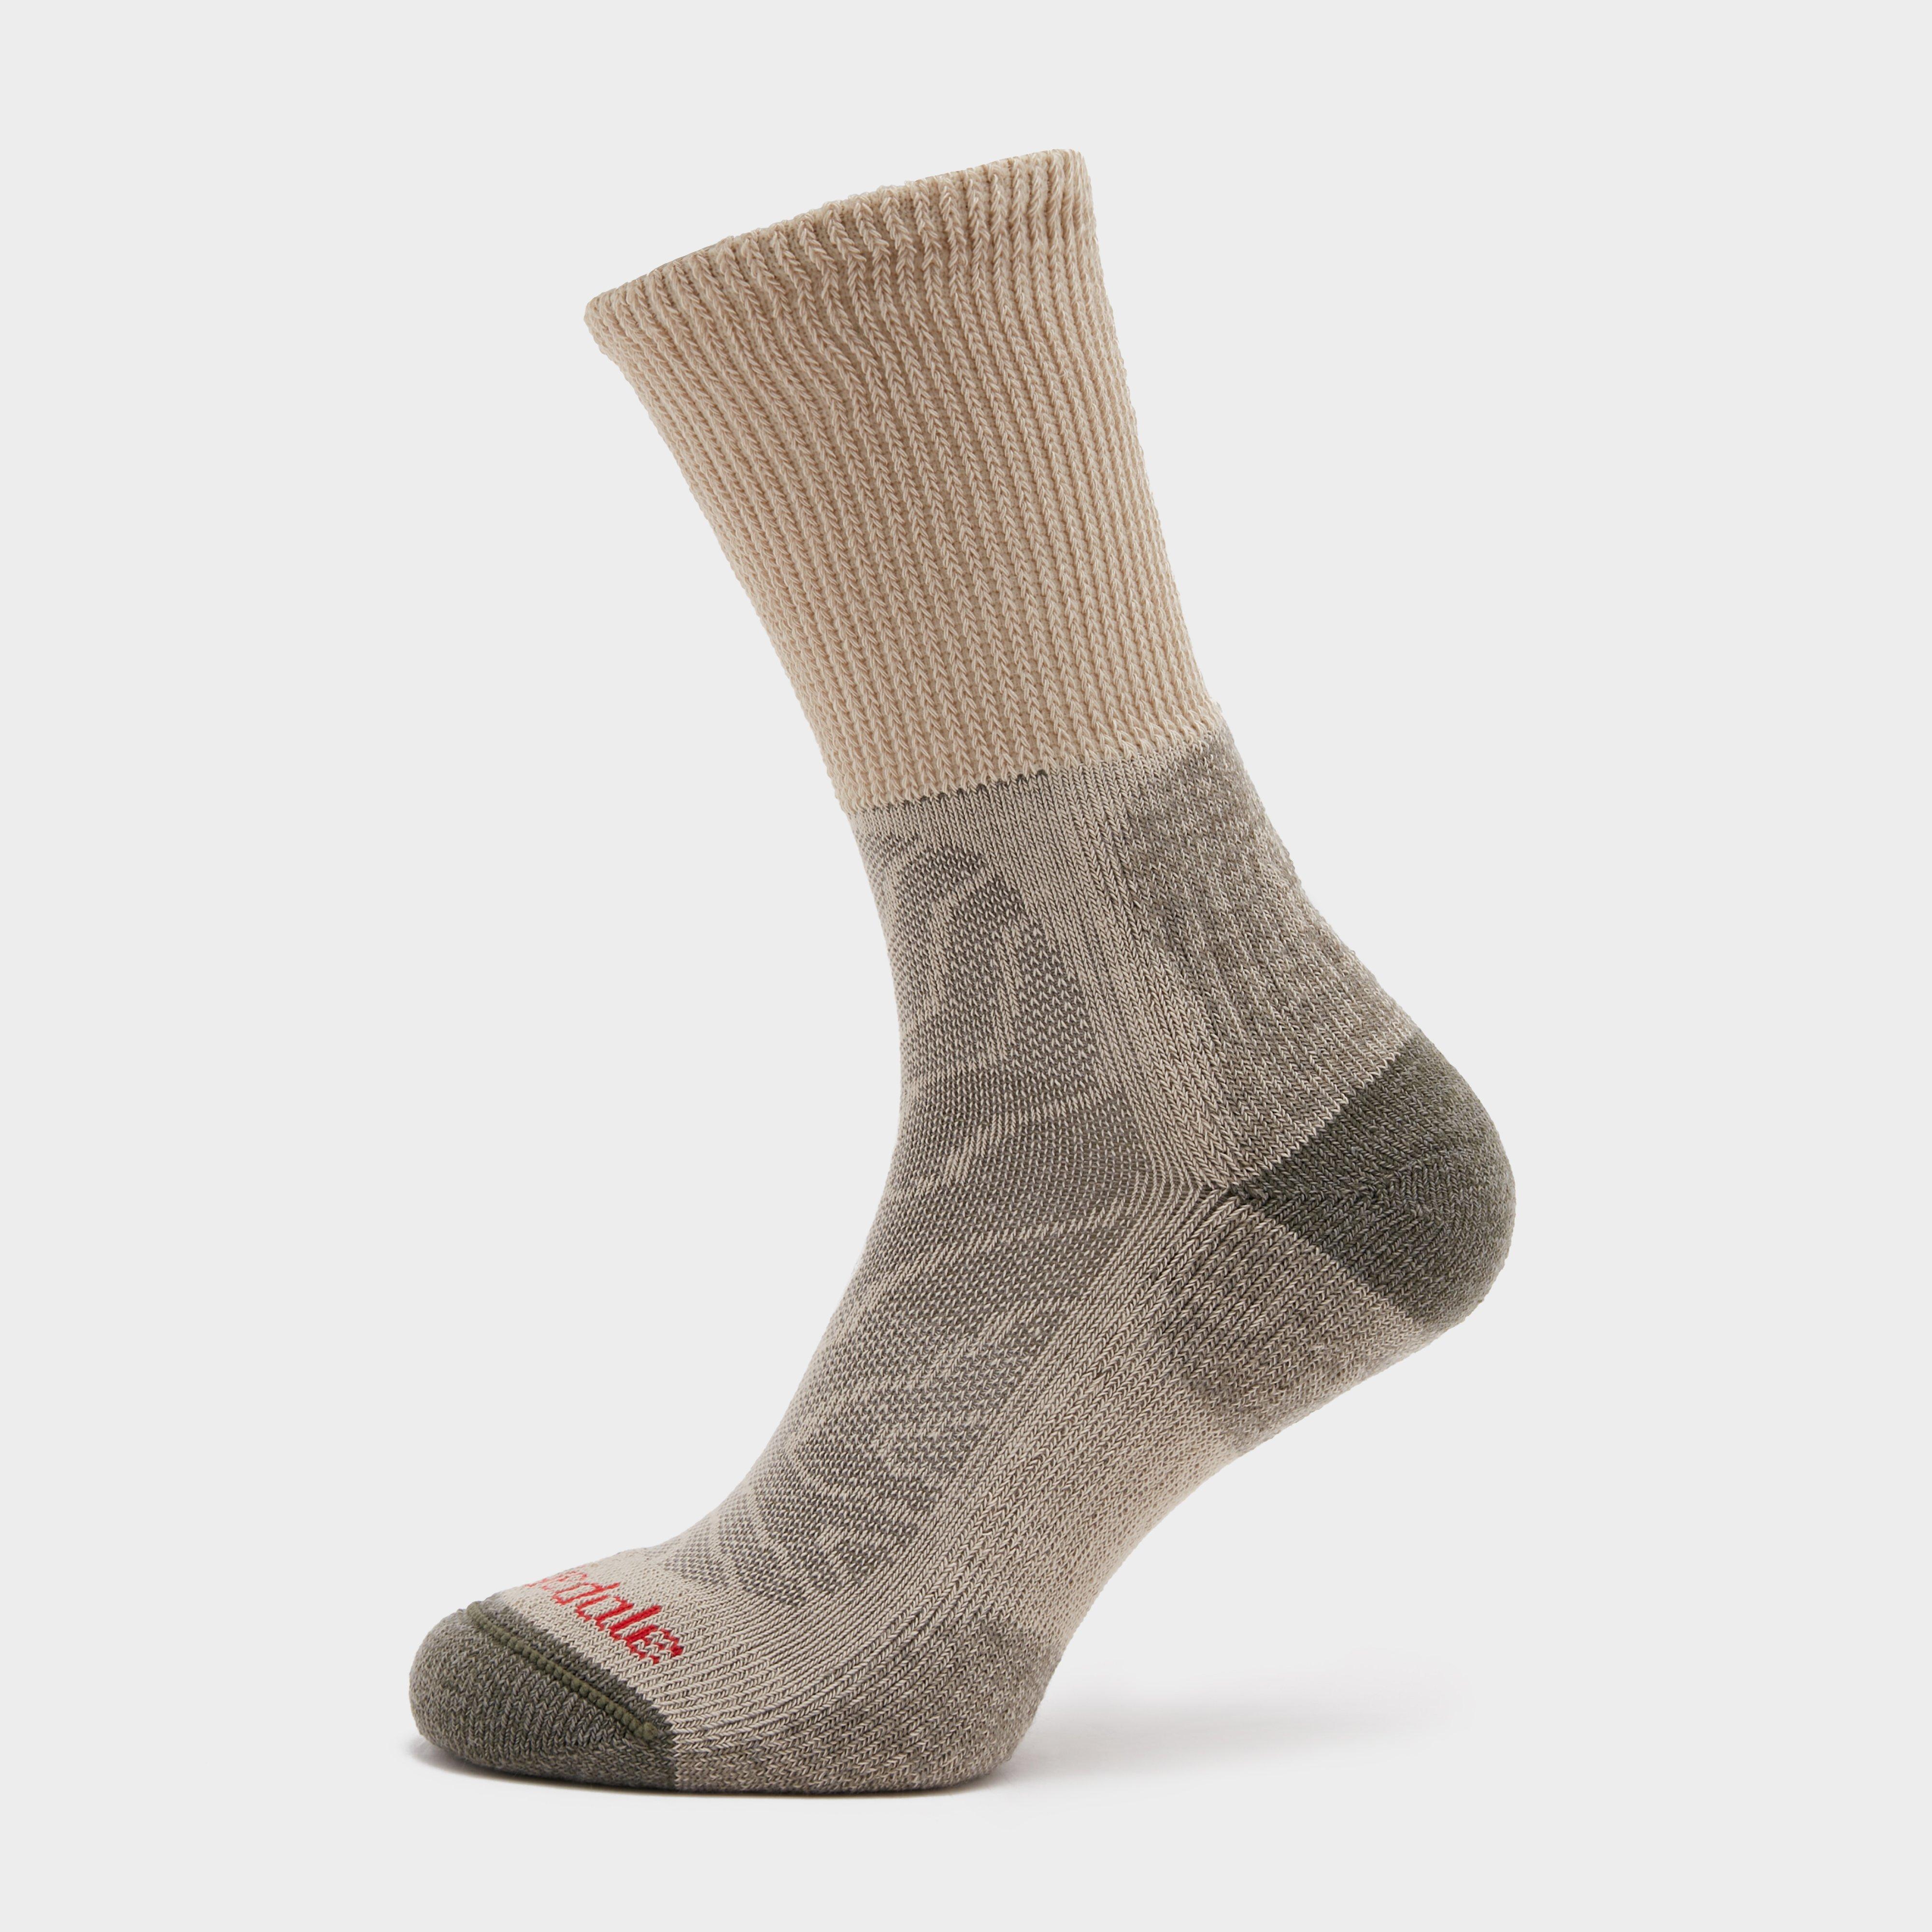 Bridgedale Hike Lw Merino Comfort - Grey/me  Grey/me